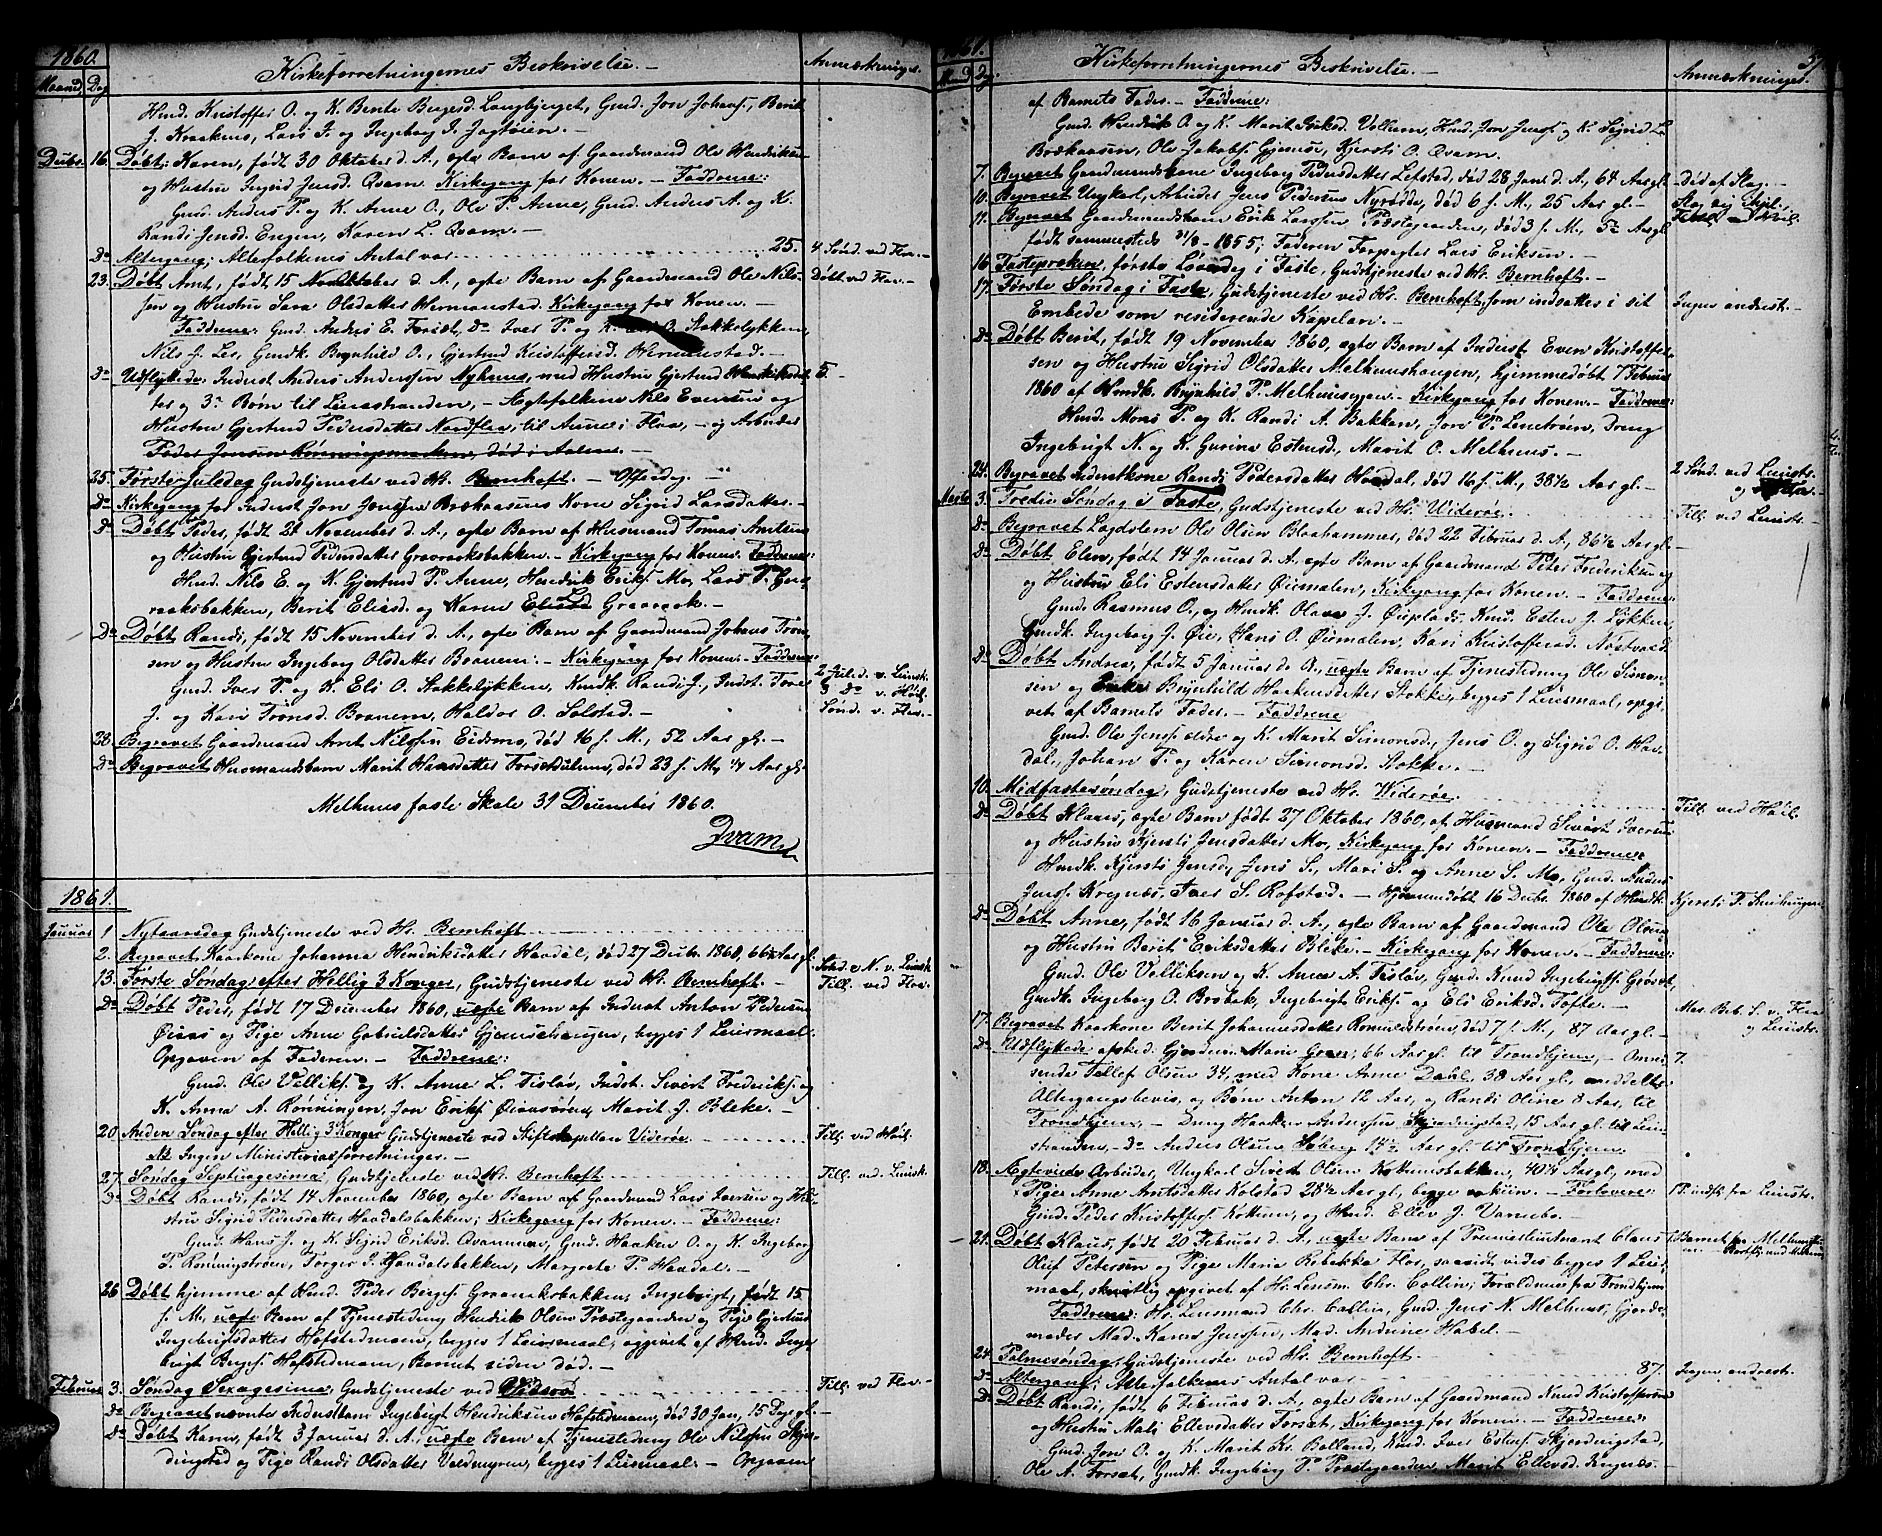 SAT, Ministerialprotokoller, klokkerbøker og fødselsregistre - Sør-Trøndelag, 691/L1093: Klokkerbok nr. 691C04, 1852-1879, s. 57